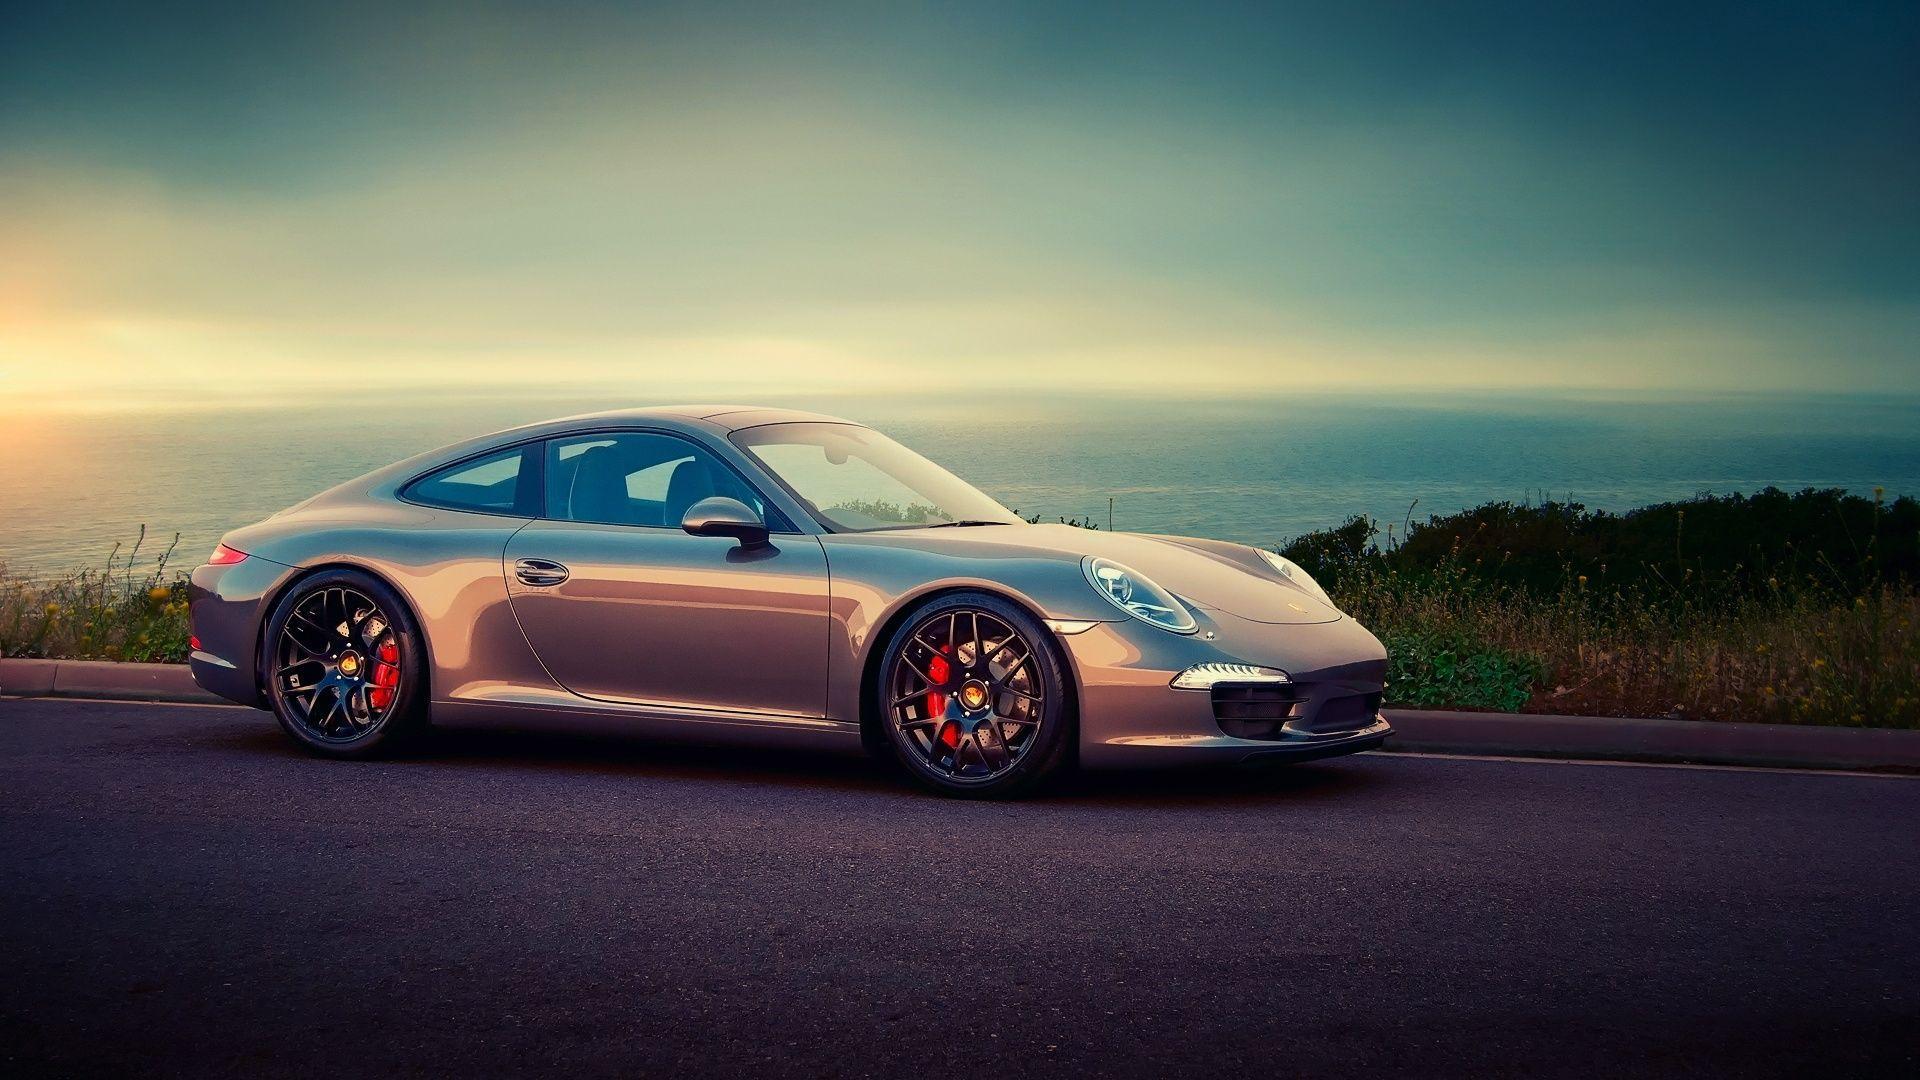 50 Best Free Hd Porsche Wallpapers Wallpaperaccess